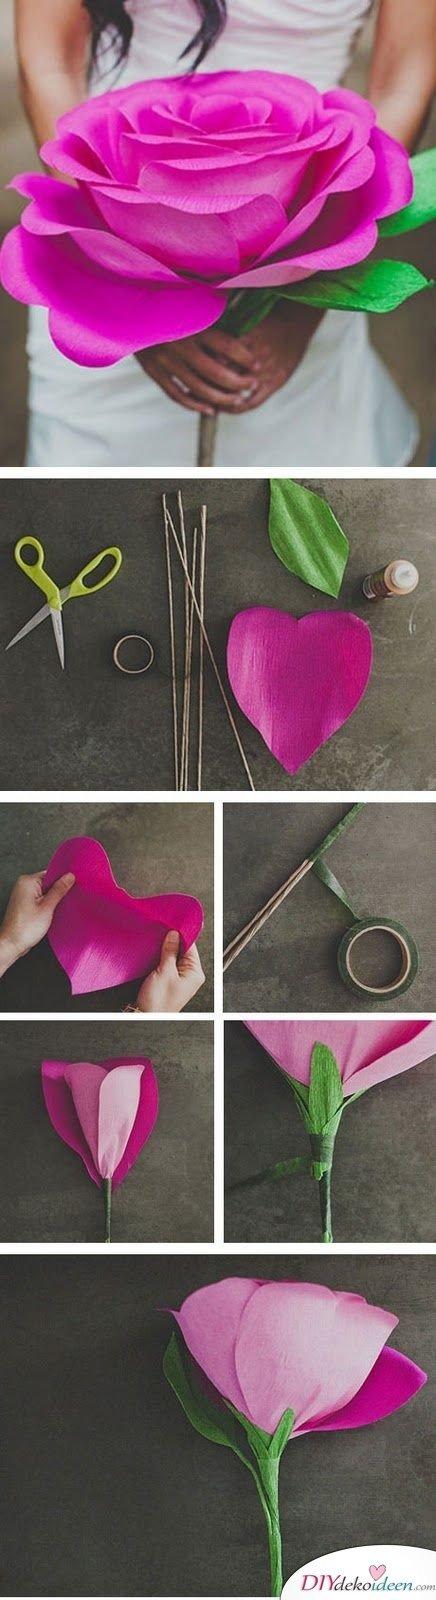 Garten Hochzeit - Papierblumen basteln